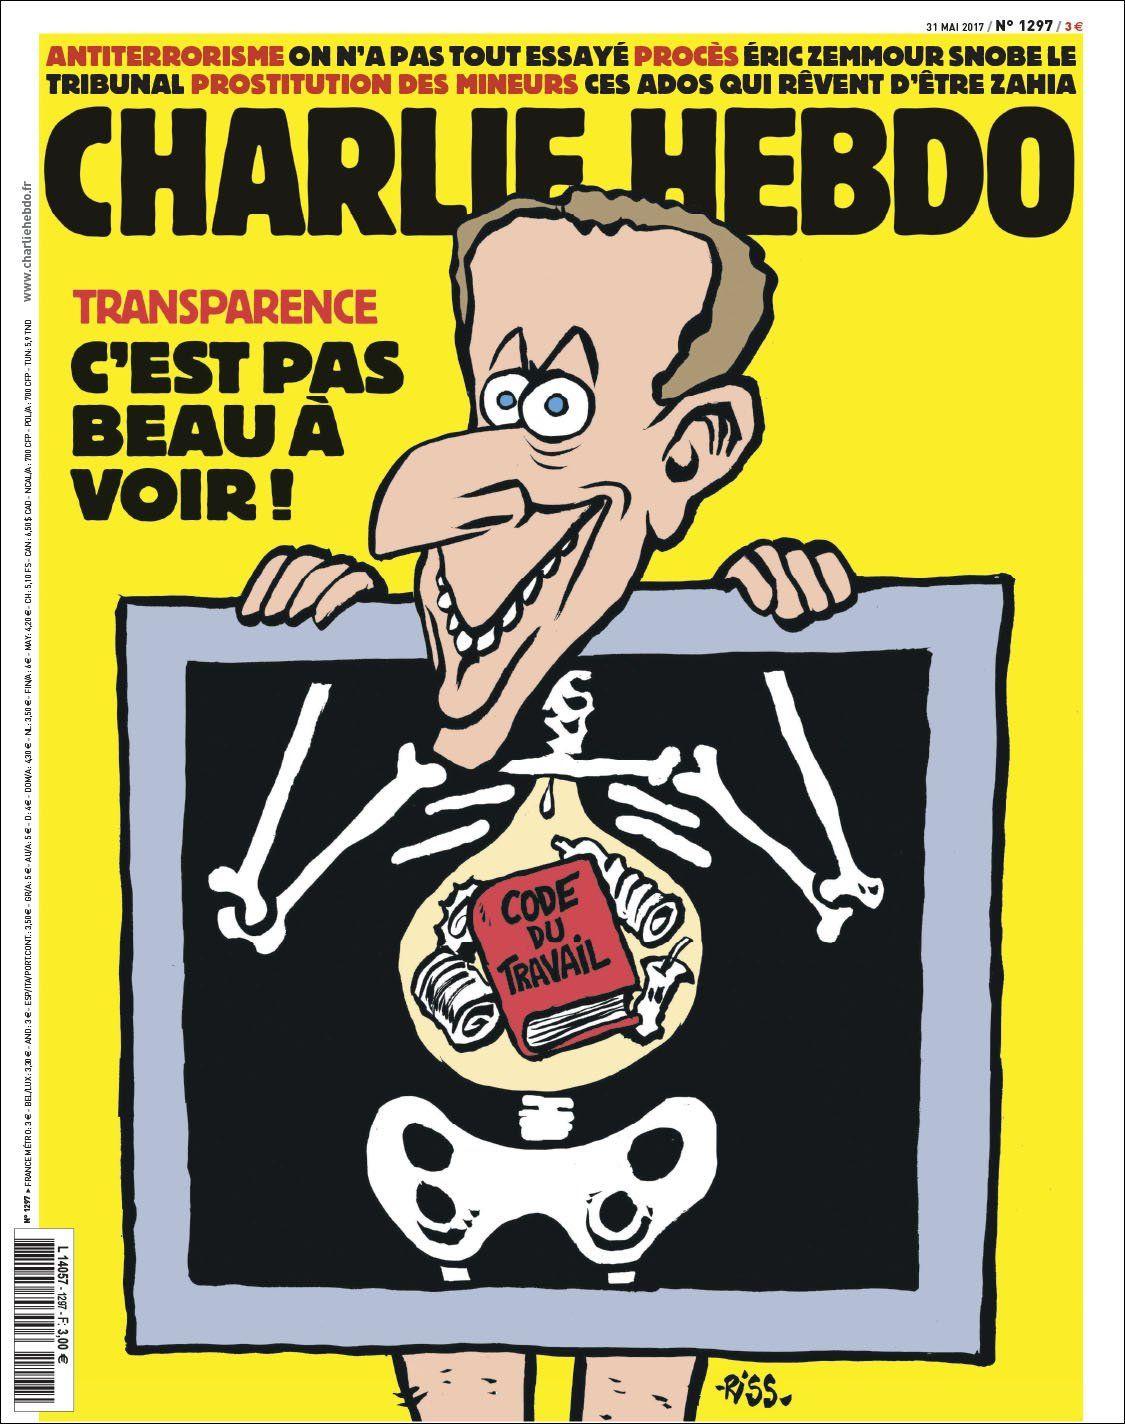 01-1297-Macron.indd | Charlie hebdo, Couverture charlie hebdo, Satirique